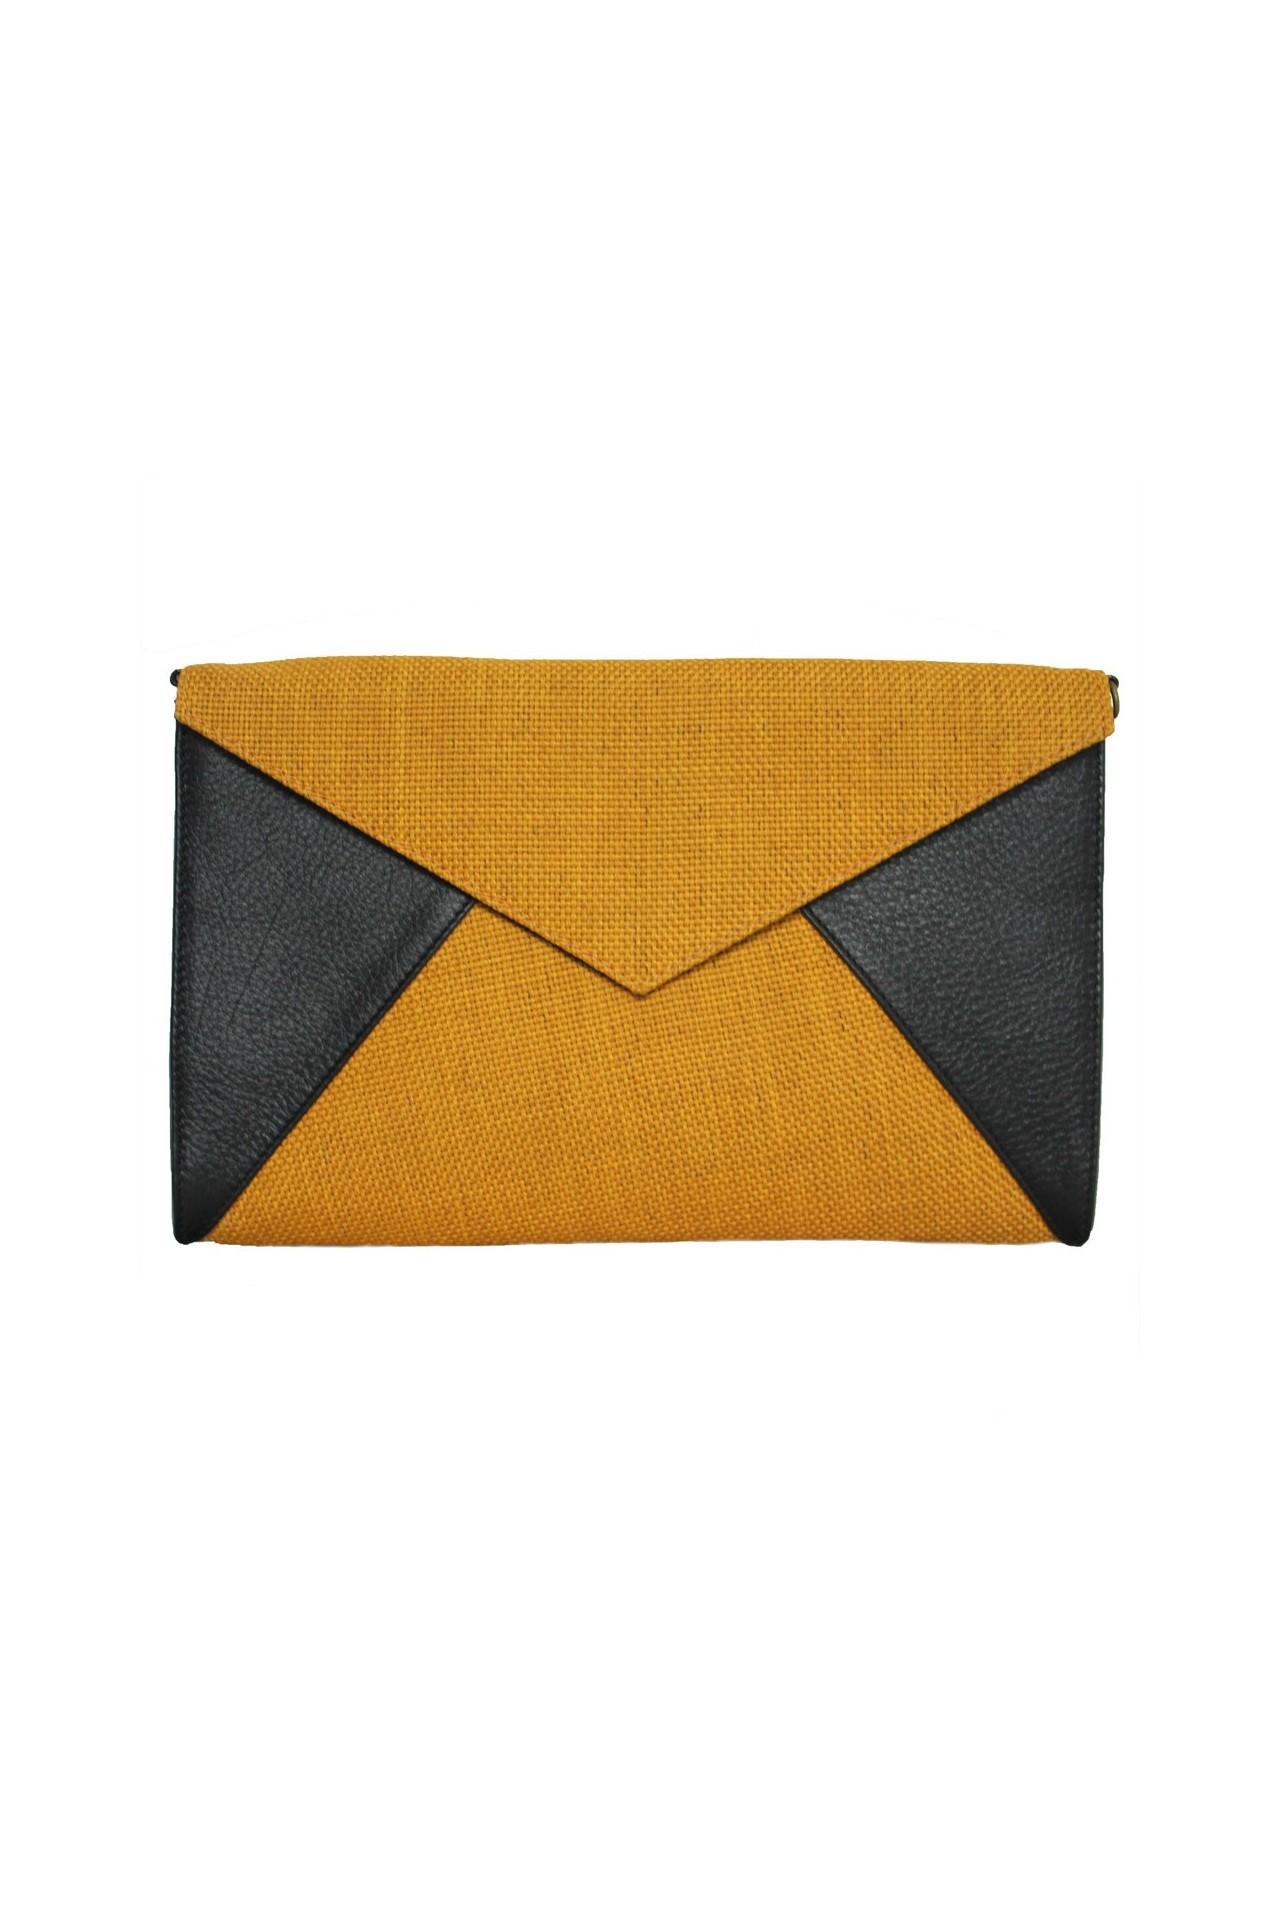 pochette enveloppe jaune moutarde. Black Bedroom Furniture Sets. Home Design Ideas